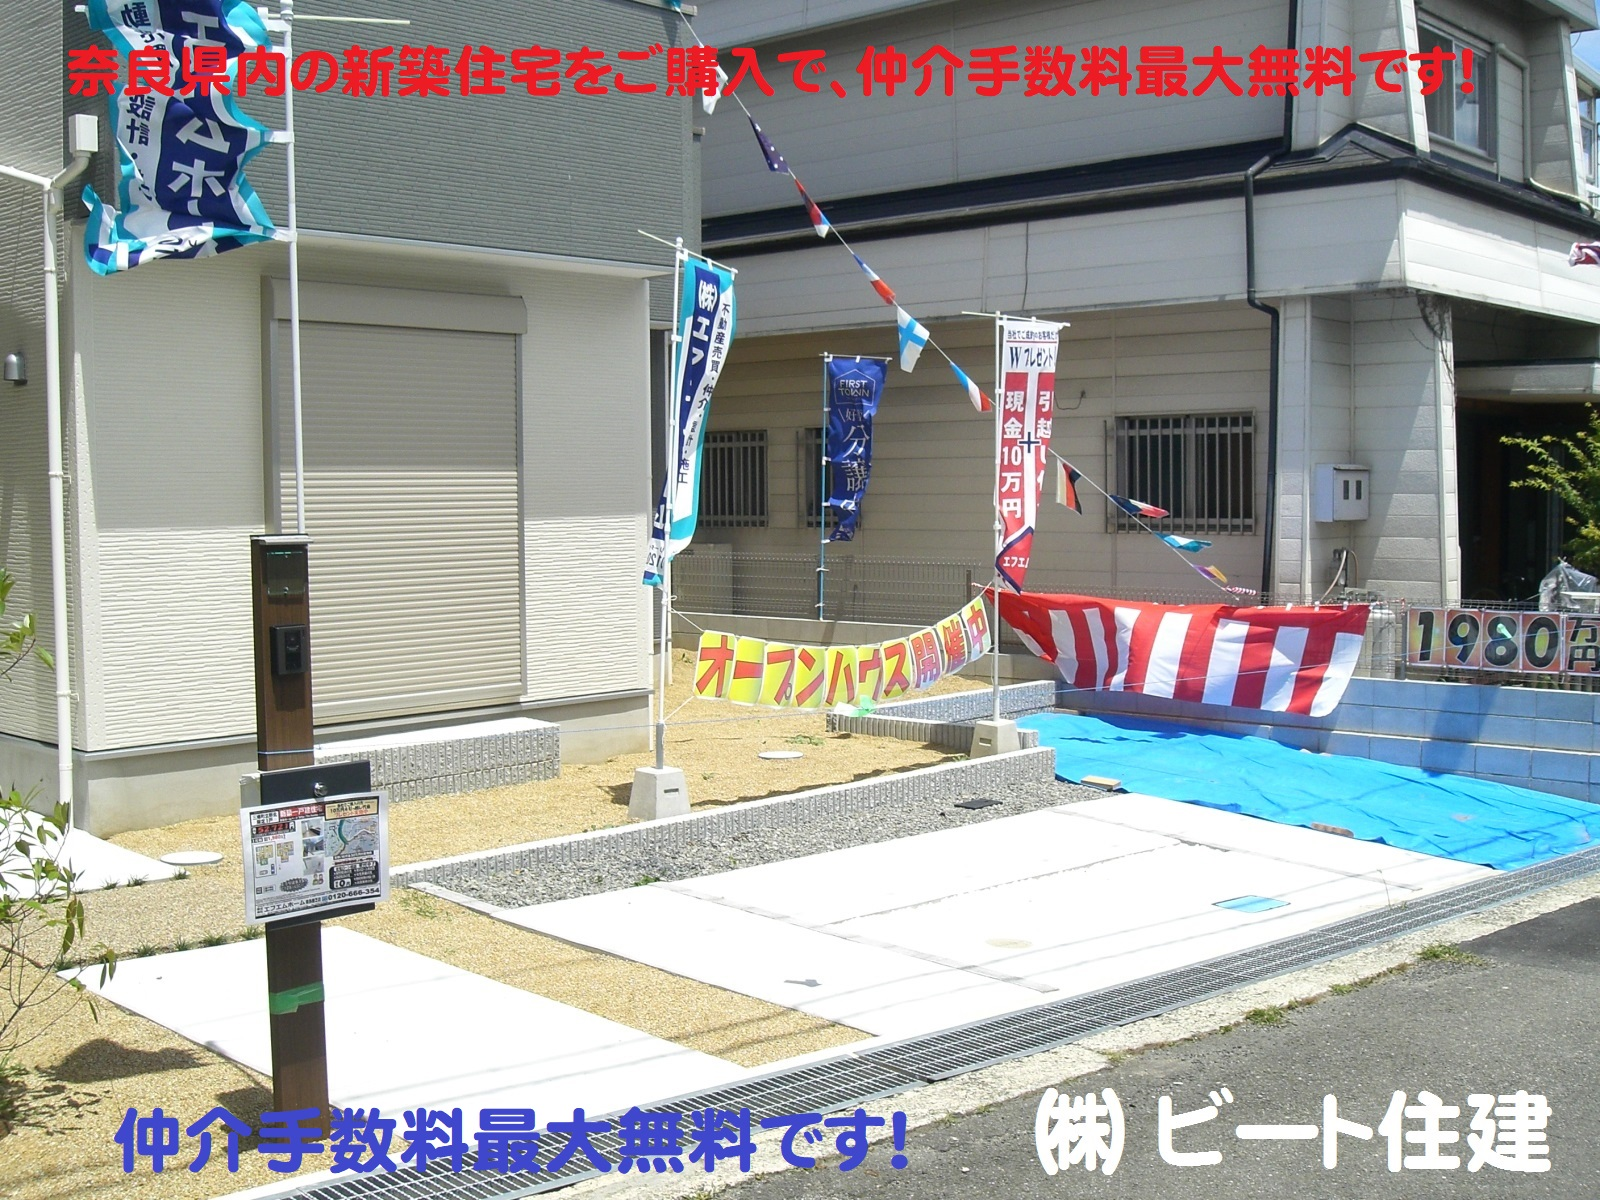 奈良県 三郷町 新築 お買い得 ビート住建 仲介手数料 最大無料 値引き、値下げ 大歓迎!